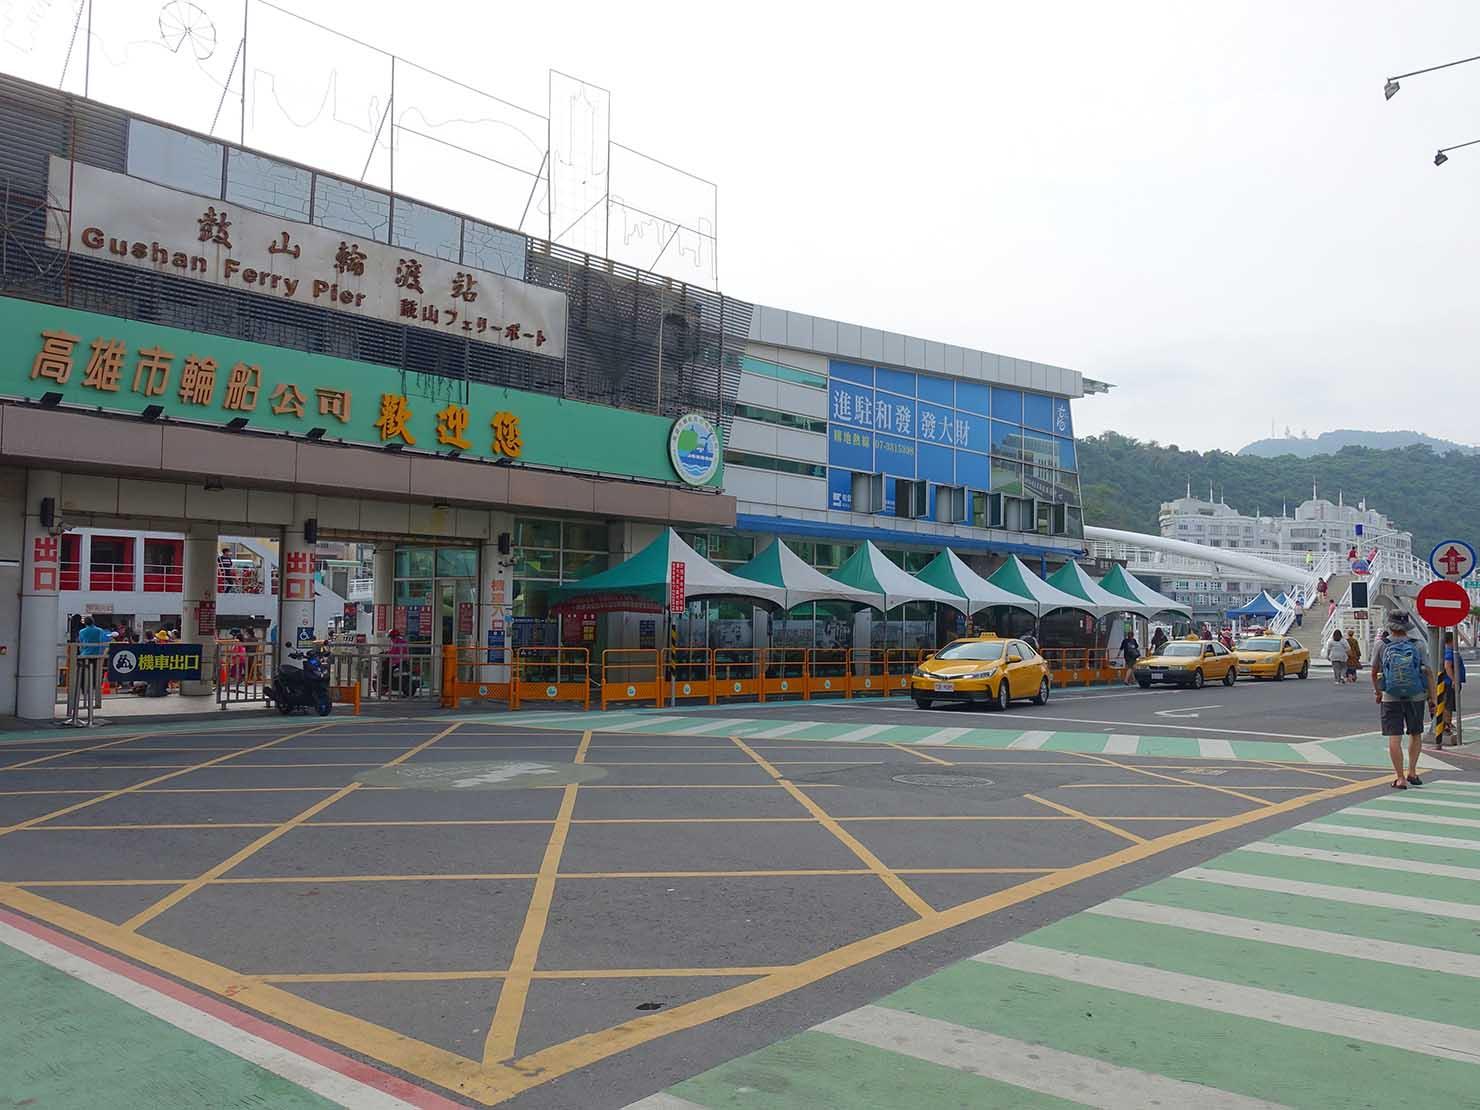 高雄・西子灣の鼓山輪渡站(旗津行きフェリー乗り場)